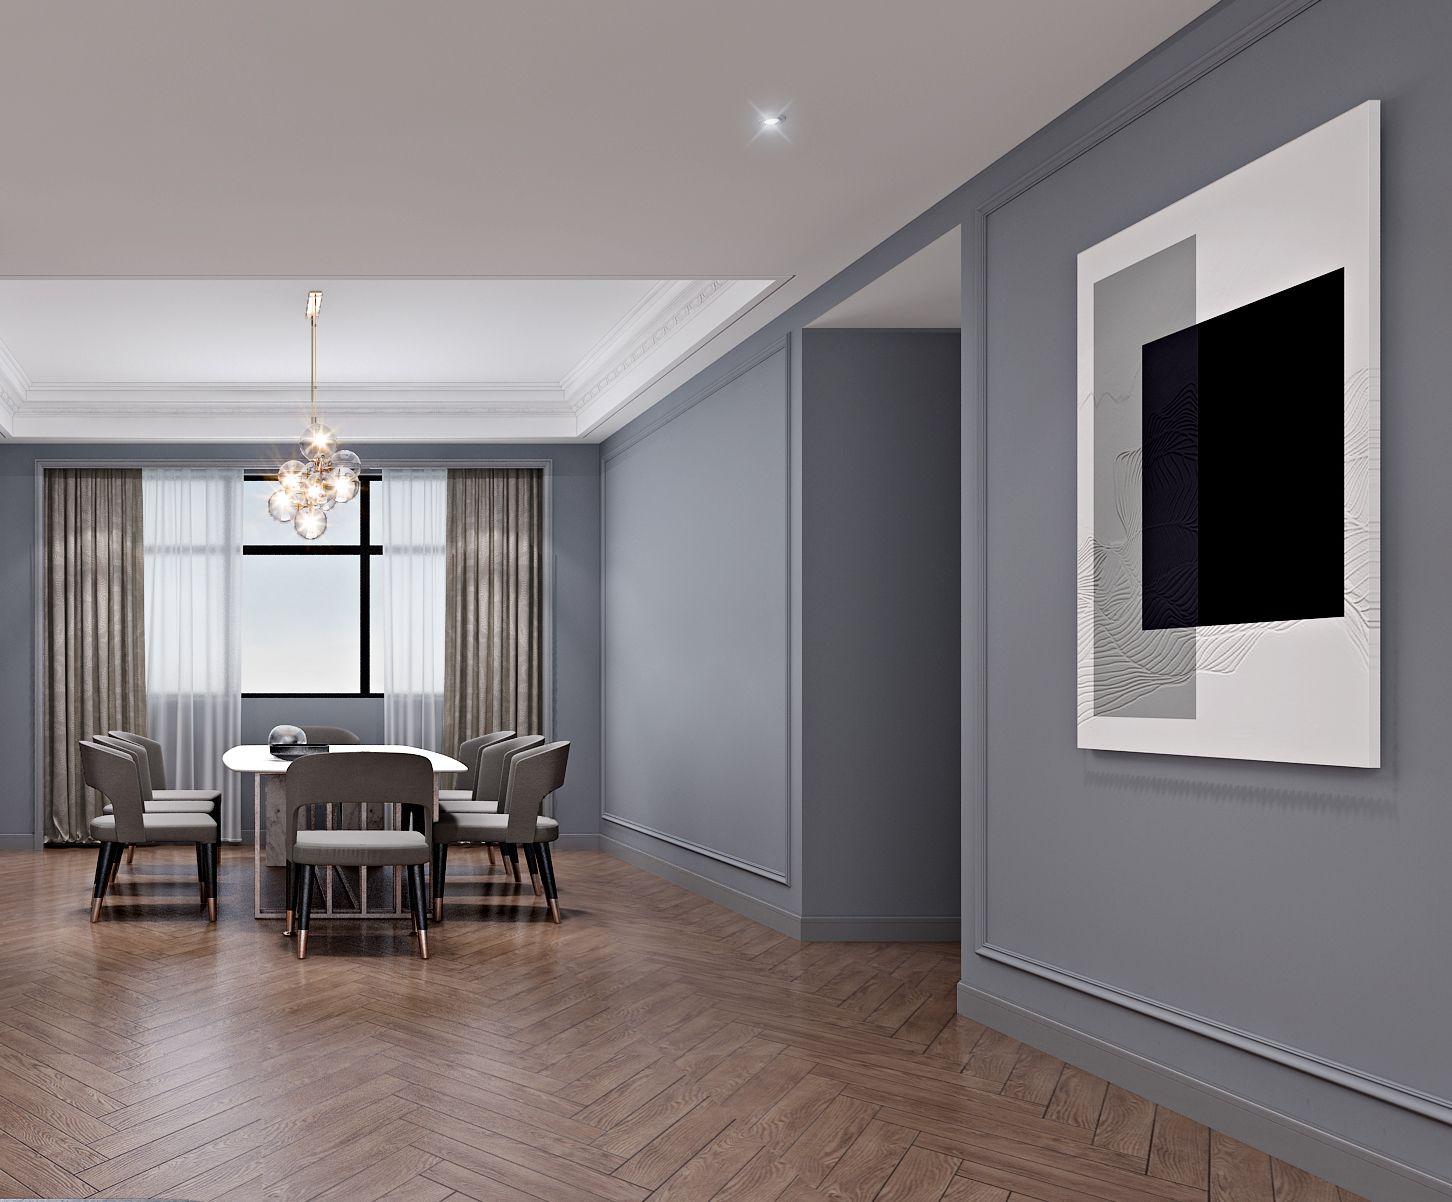 现代轻奢 大平层 大户型 灰蓝色的家 时尚 轻奢 现代 80后 餐厅图片来自几墨空间设计在几墨设计 灰蓝色的家的分享